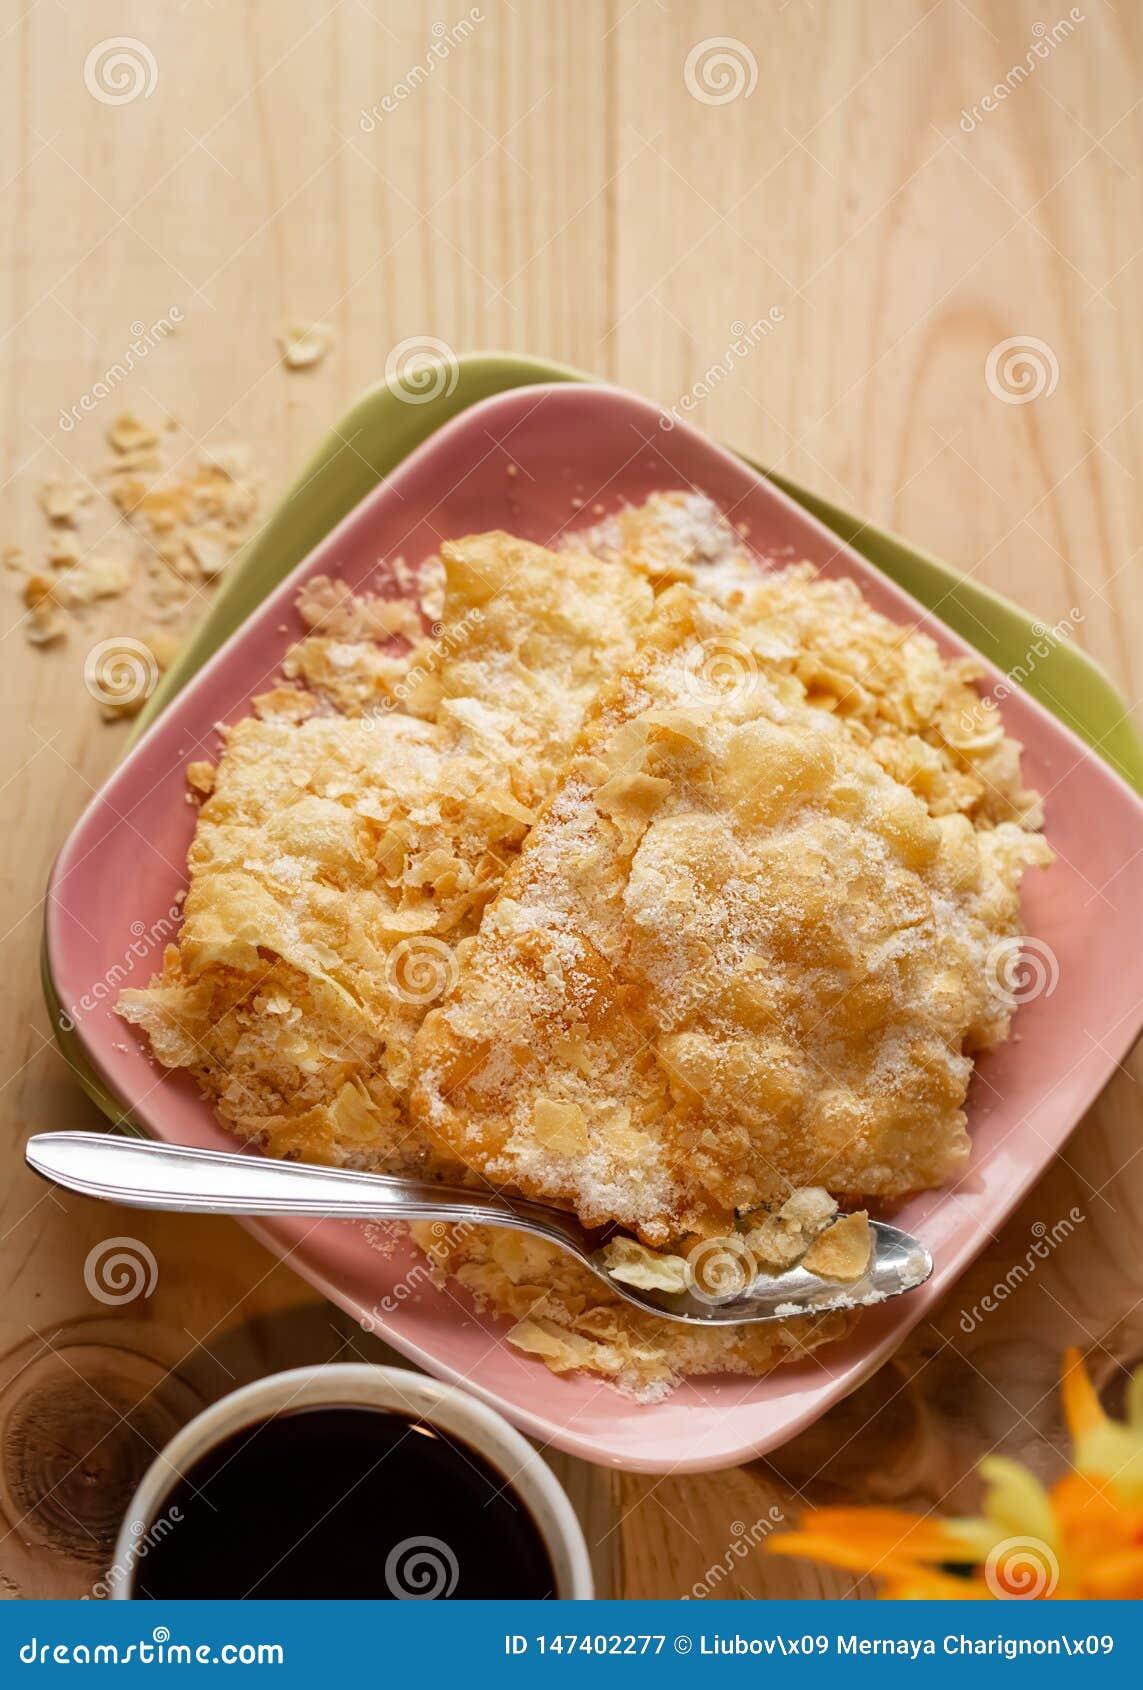 Geknisterte knusperige Pl?tzchen mit Zucker auf einer Platte und einem Tasse Kaffee auf einem Holztisch Kopieren Sie Platz